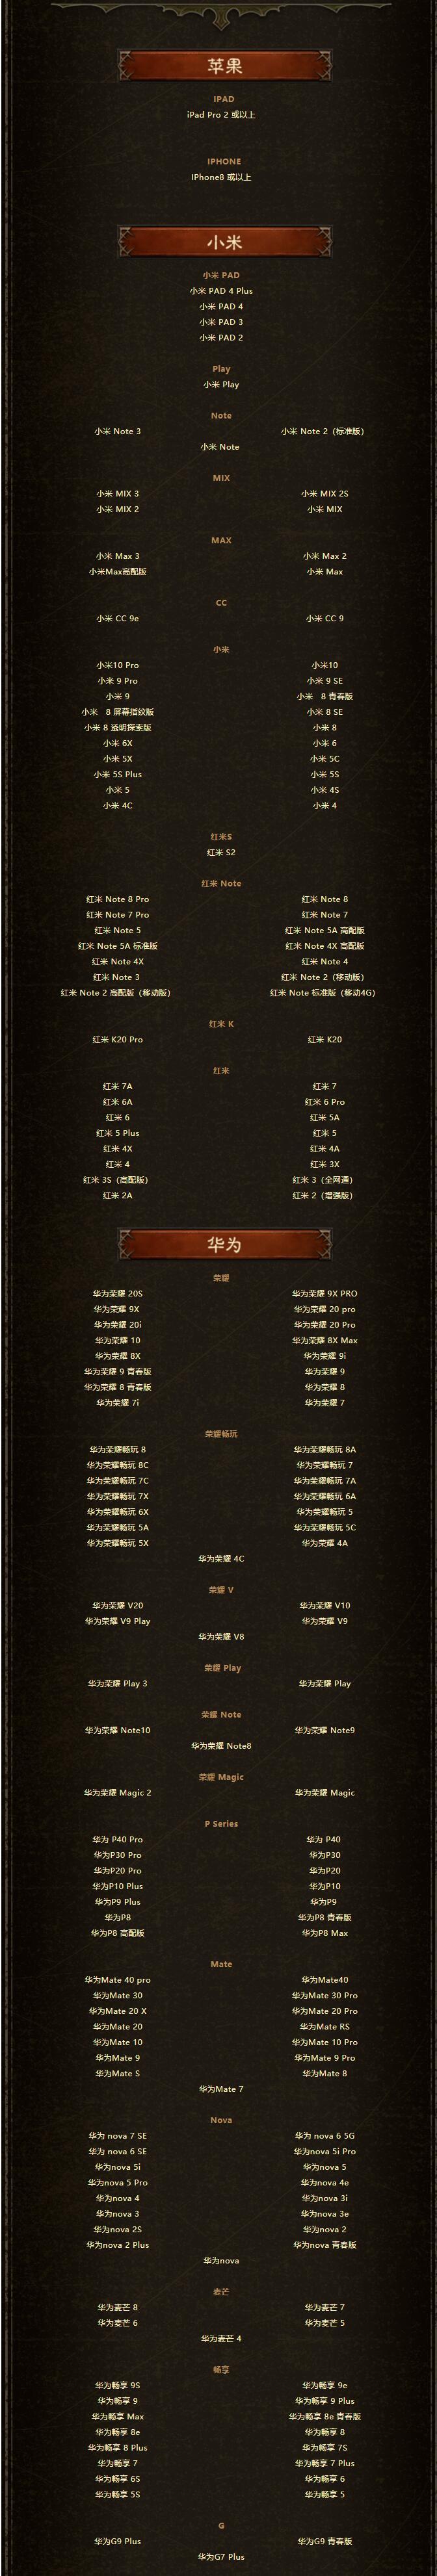 【机型适配】国服首测可支持机型列表